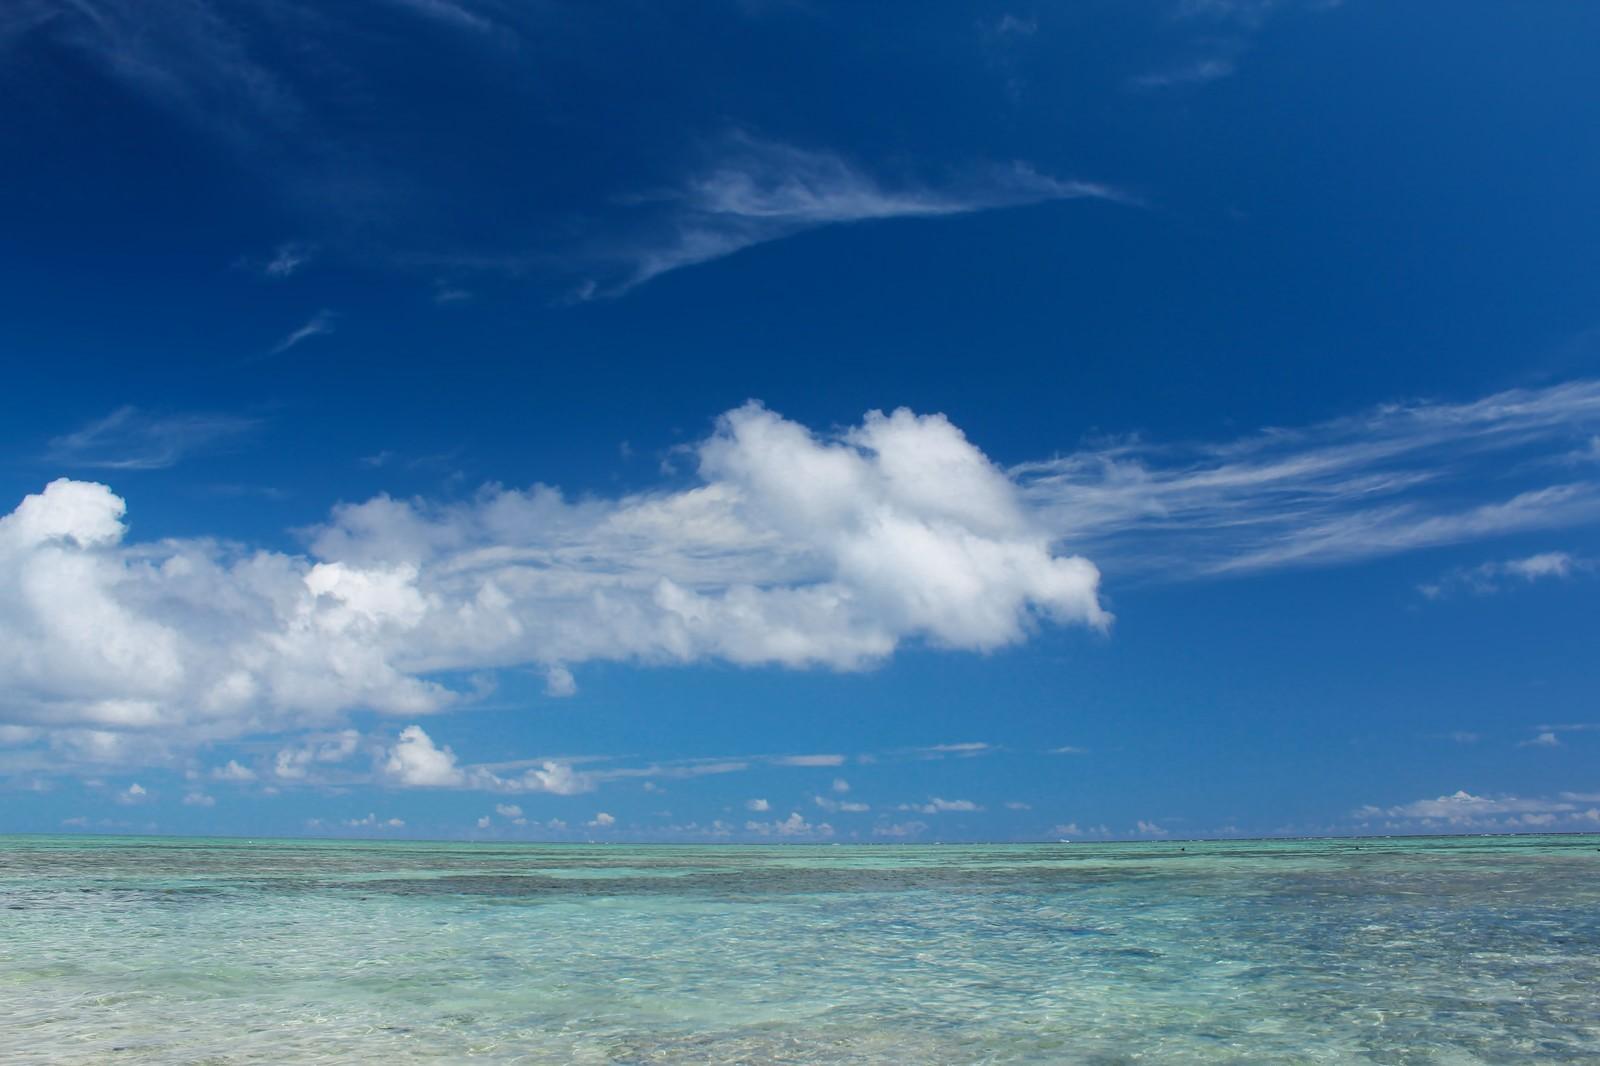 グレートブルーホールはカリブ海の神秘的な穴!気になる深さやダイビング情報!